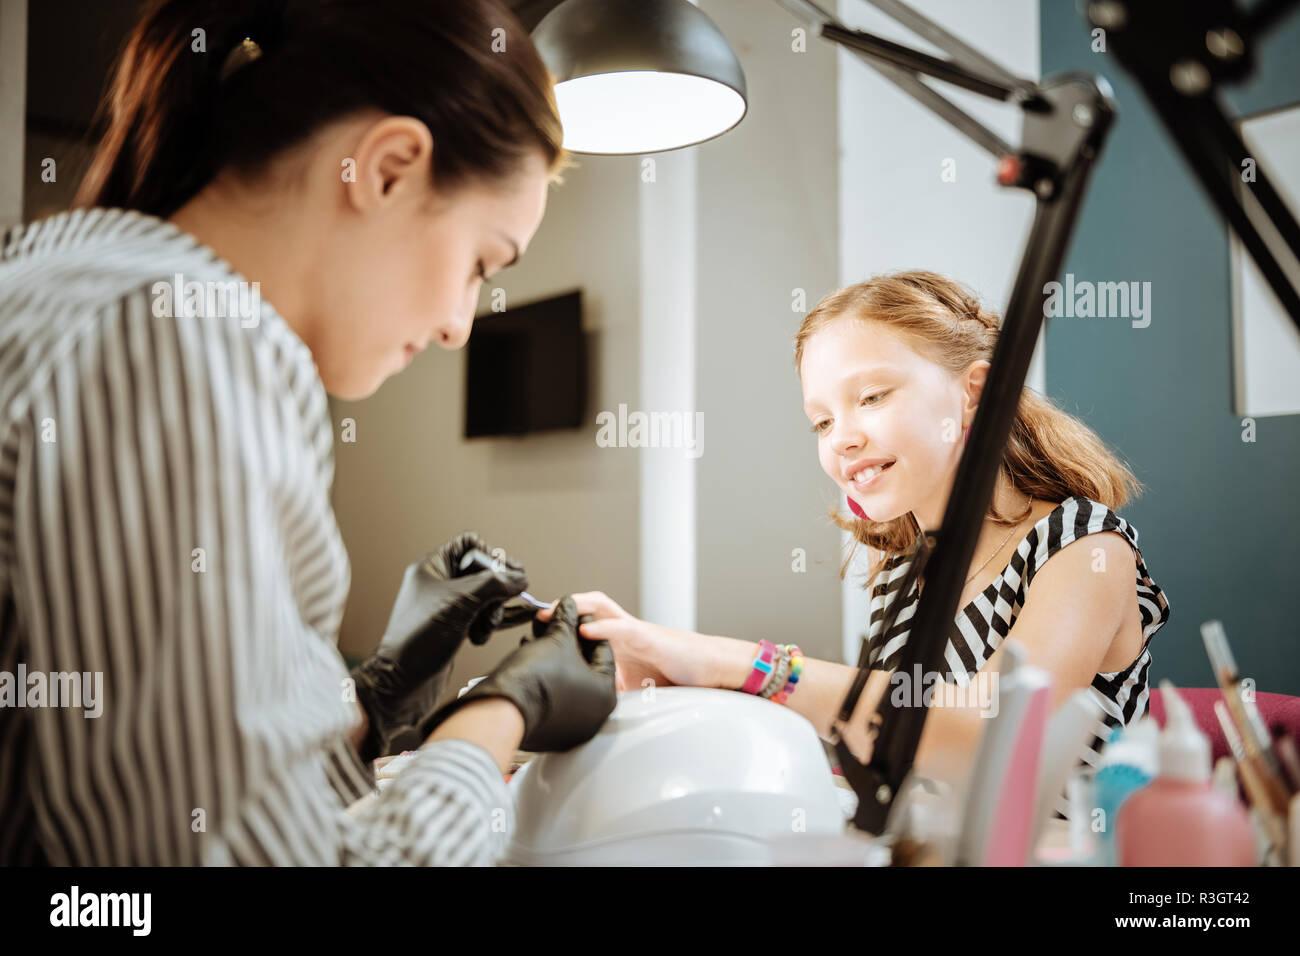 Mère travaillant comme artiste de l'ongle manucure pour son joli fille adolescente Banque D'Images